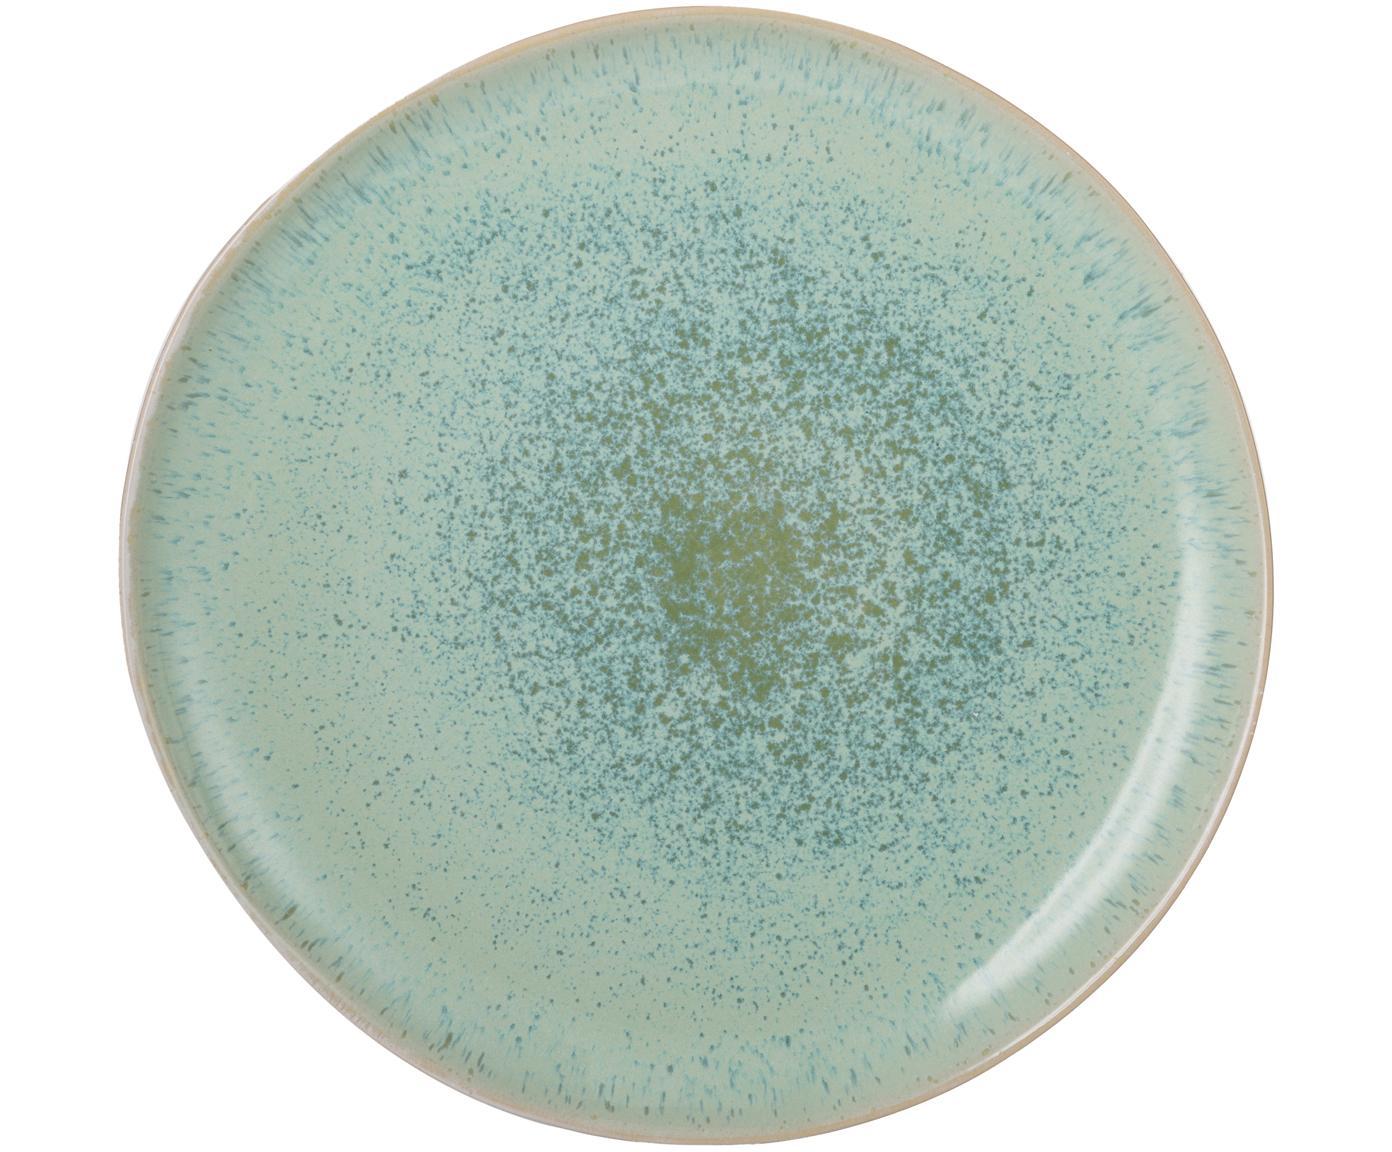 Handbemalter Speiseteller Areia, Steingut, Mint, Gebrochenes Weiss, Beige, Ø 28 cm